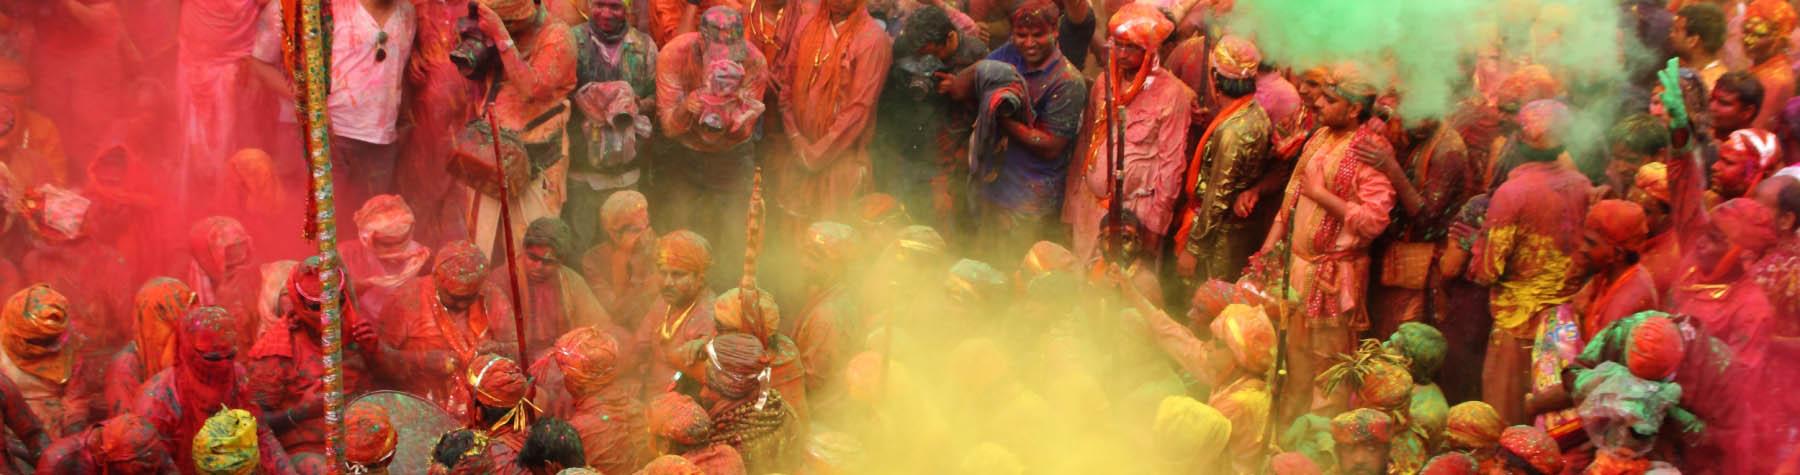 Holi; het kleurrijkste festival ter wereld